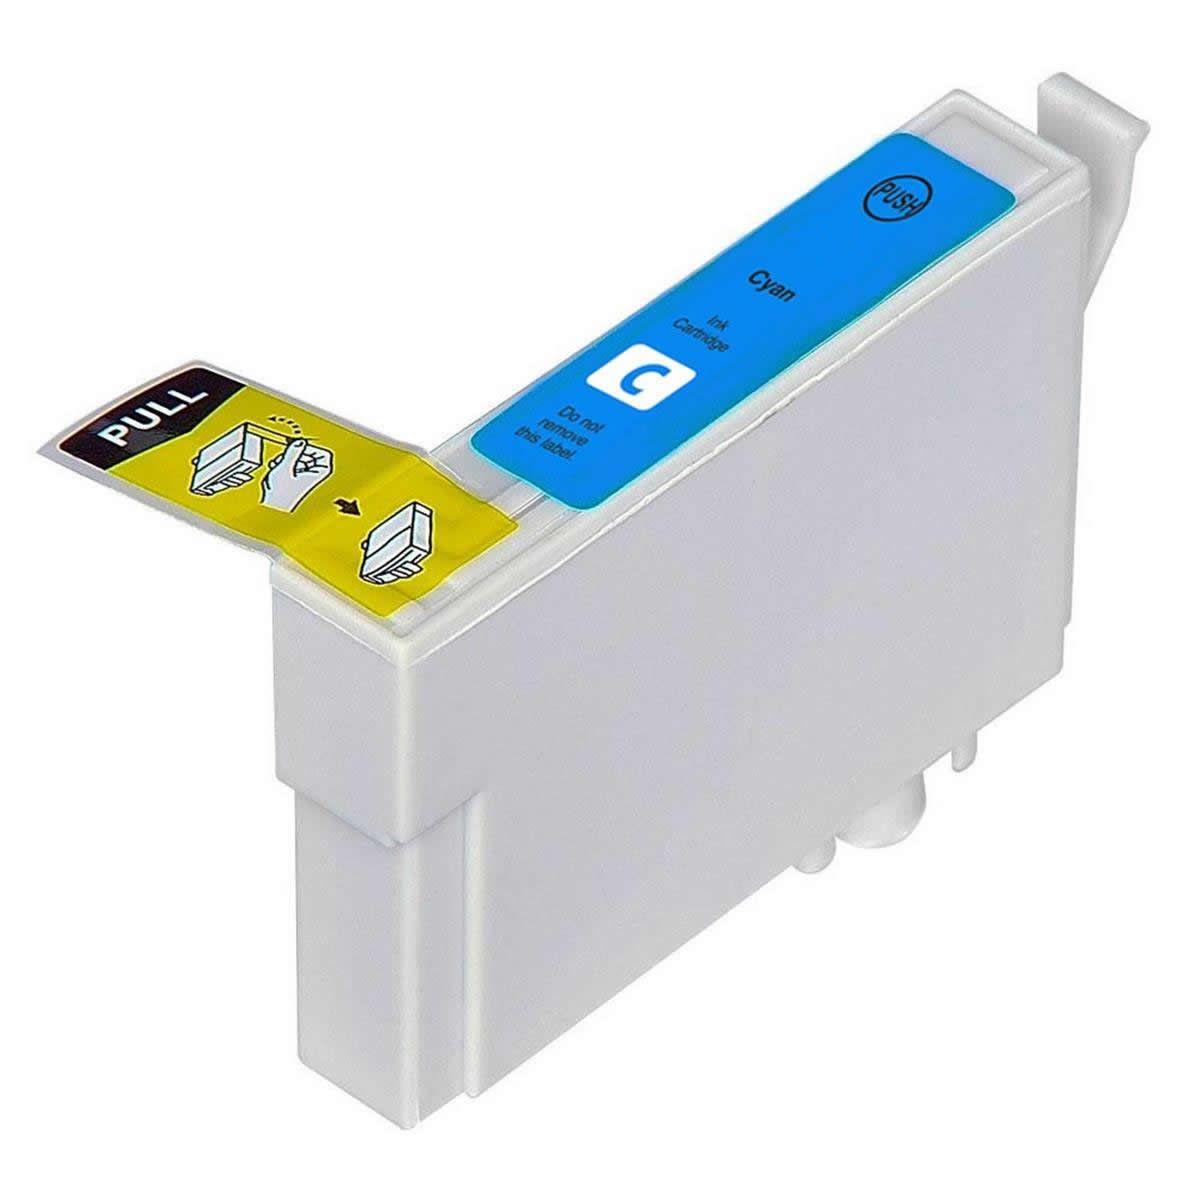 Cartucho MJ Compatível TO822 Ciano para R270 R290 T50 da EPSON